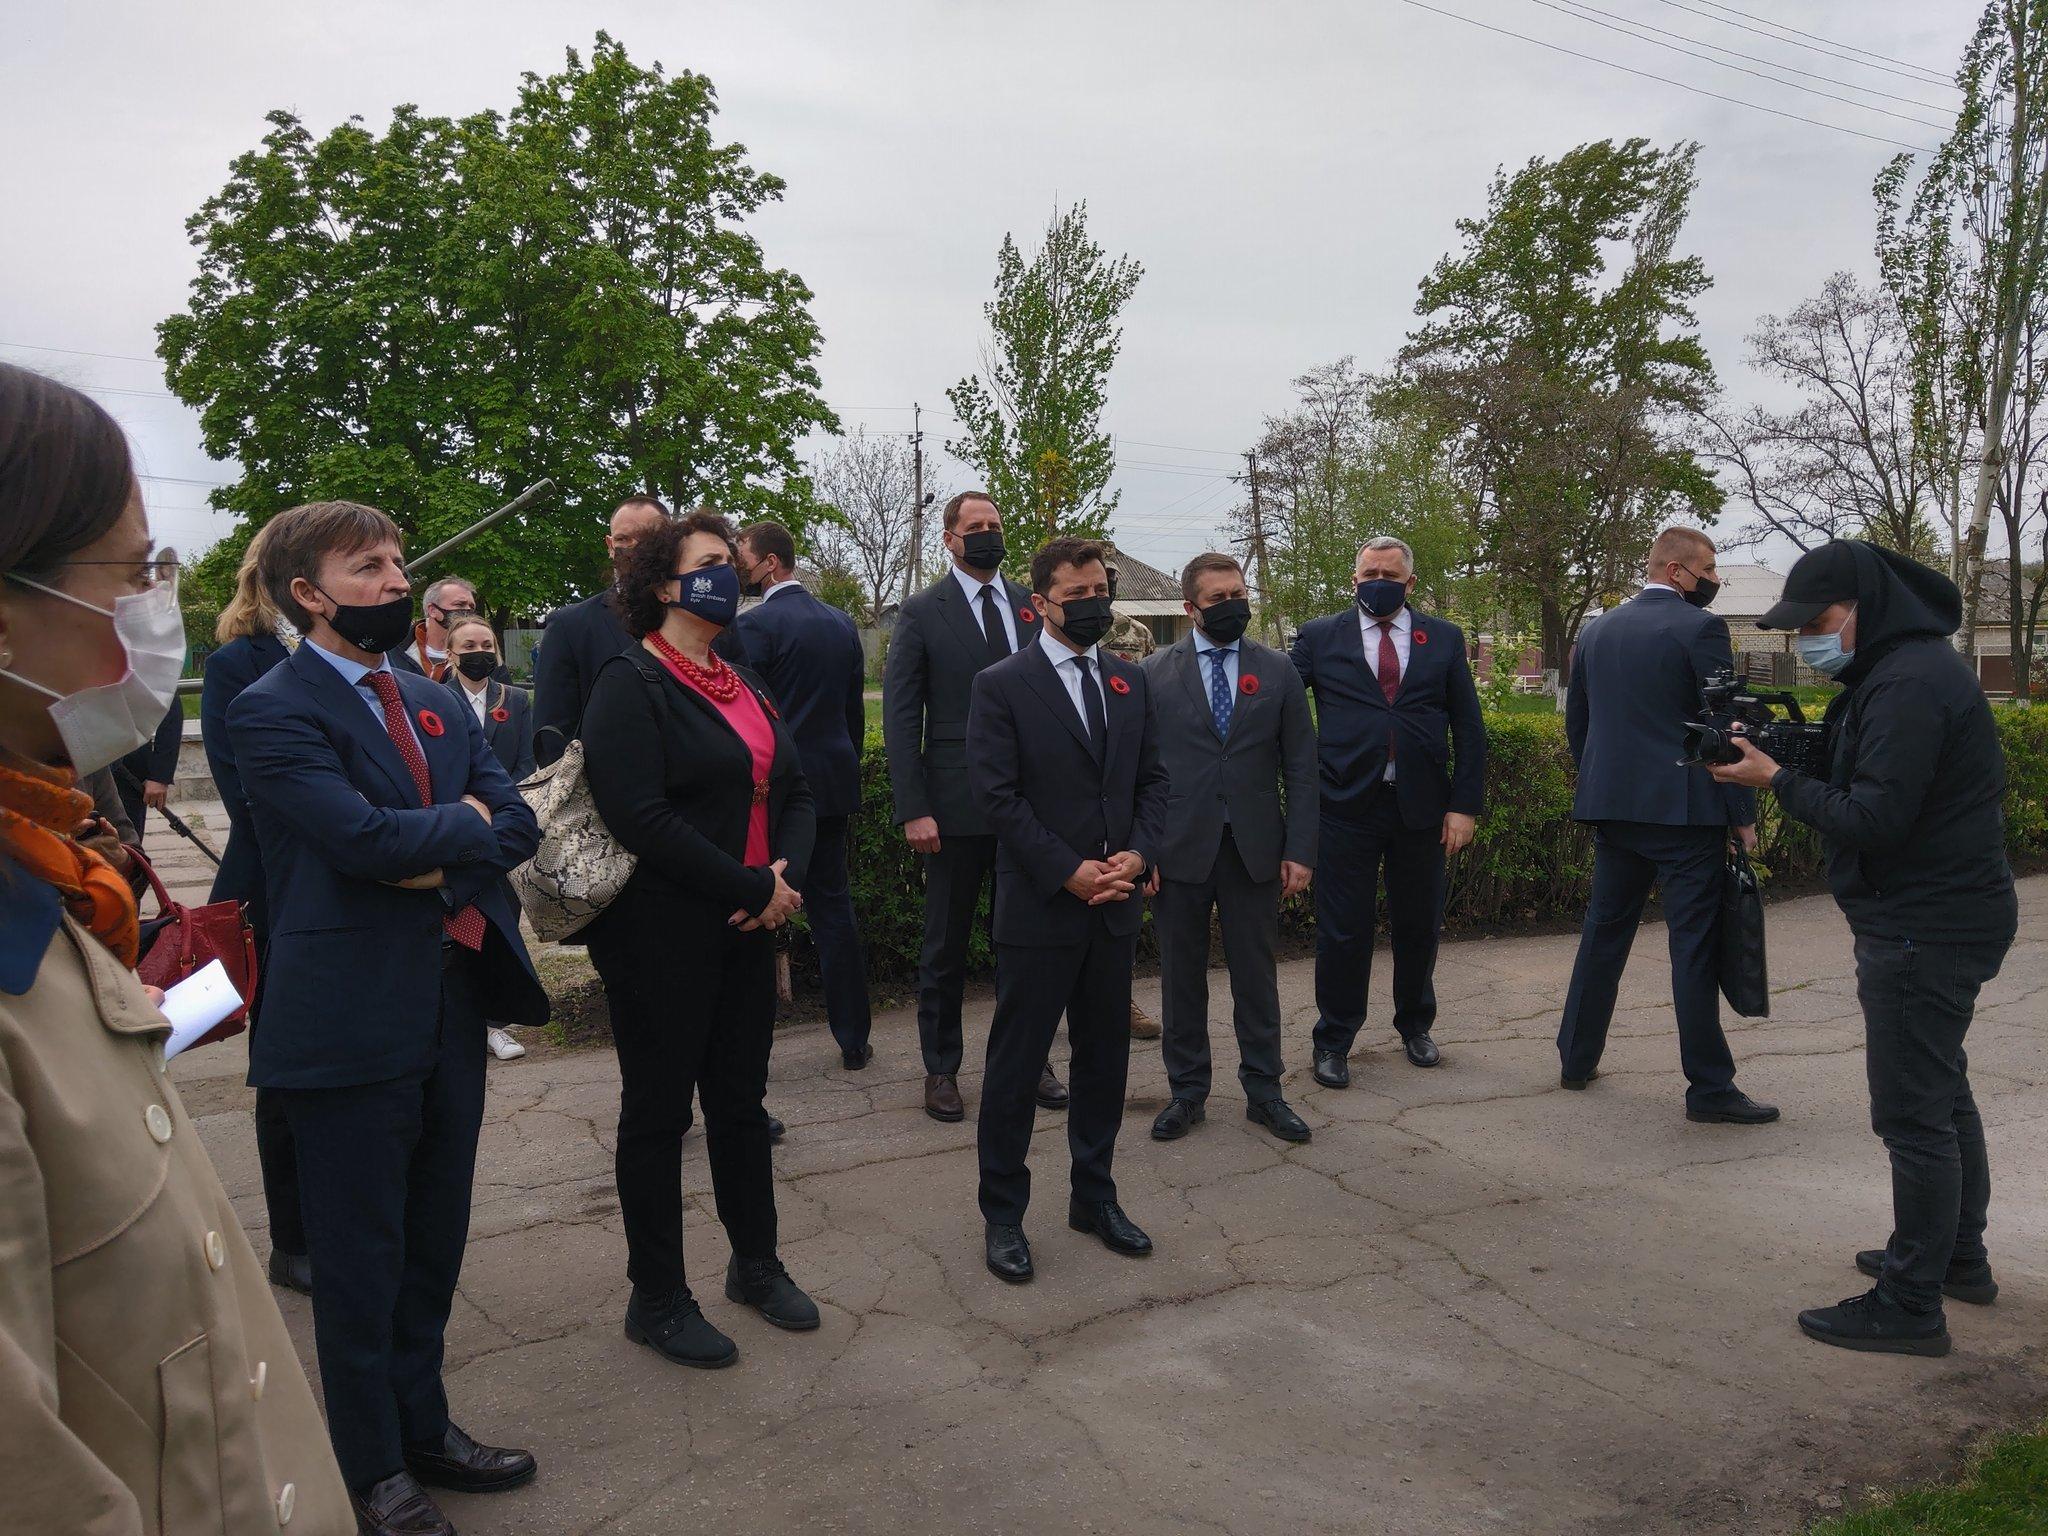 Зеленский в окружении послов G7 и ЕС прибыл на Луганщину